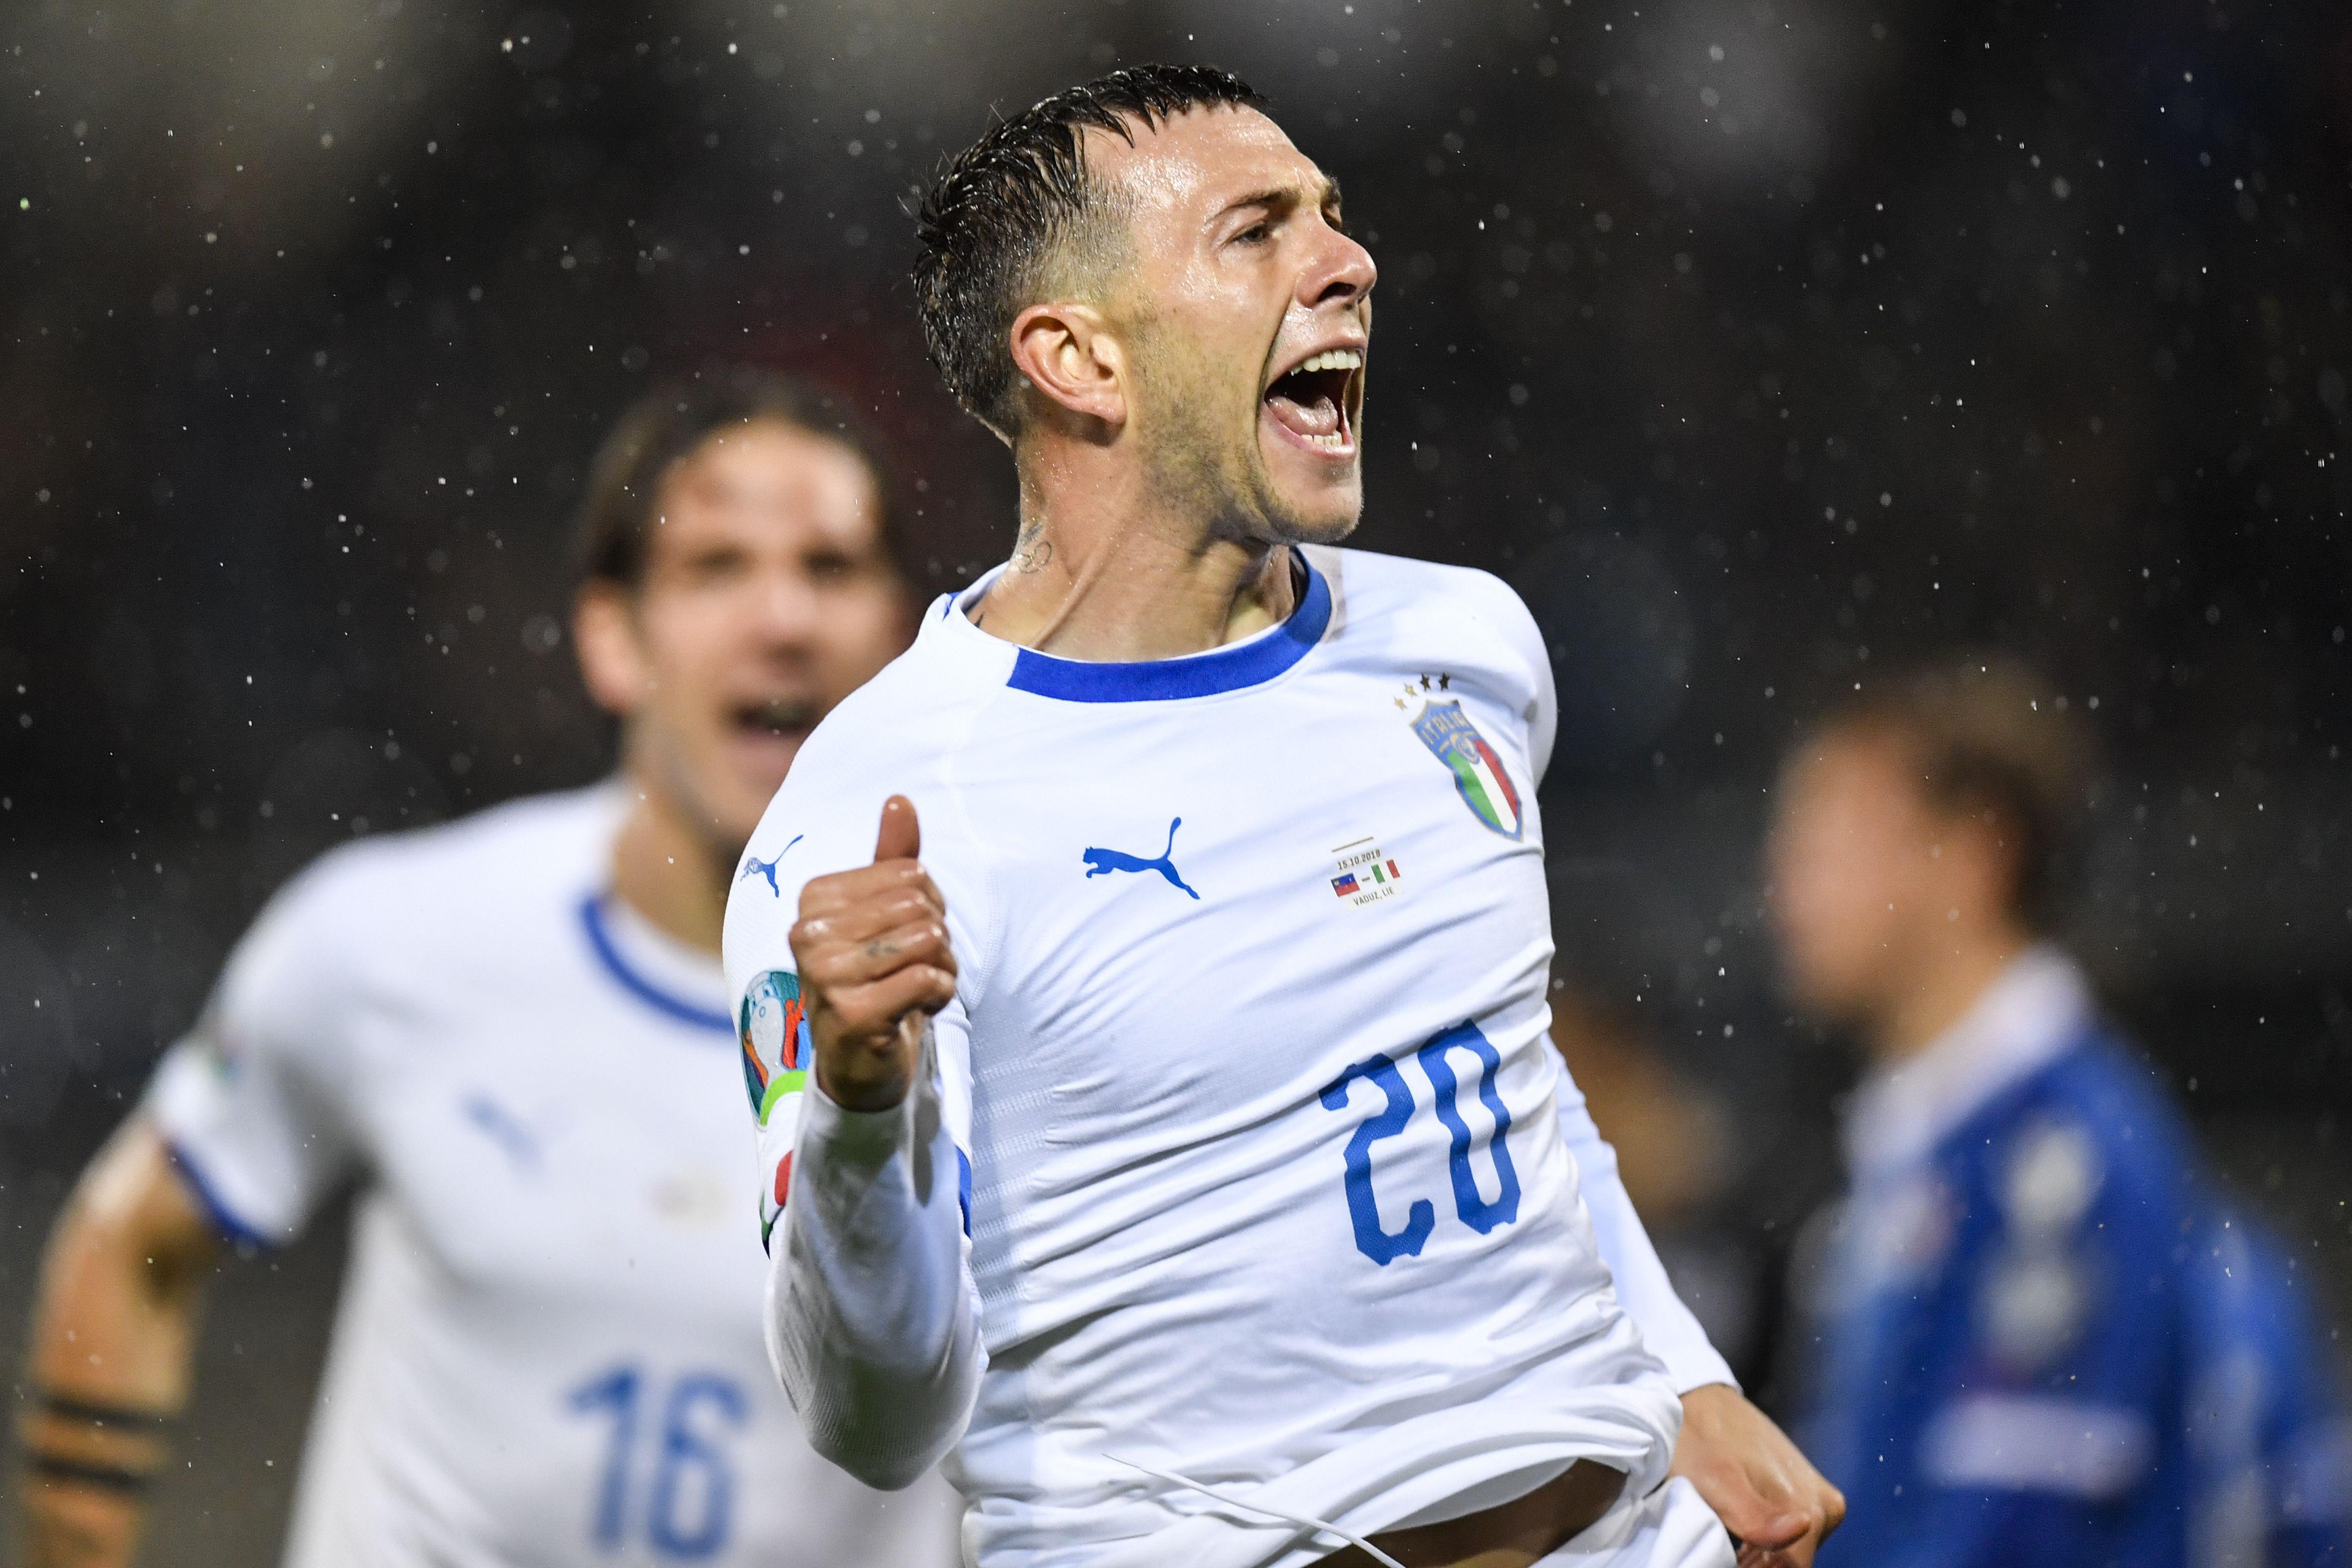 意大利翼鋒貝拿迪斯治替球隊先開紀錄。AP